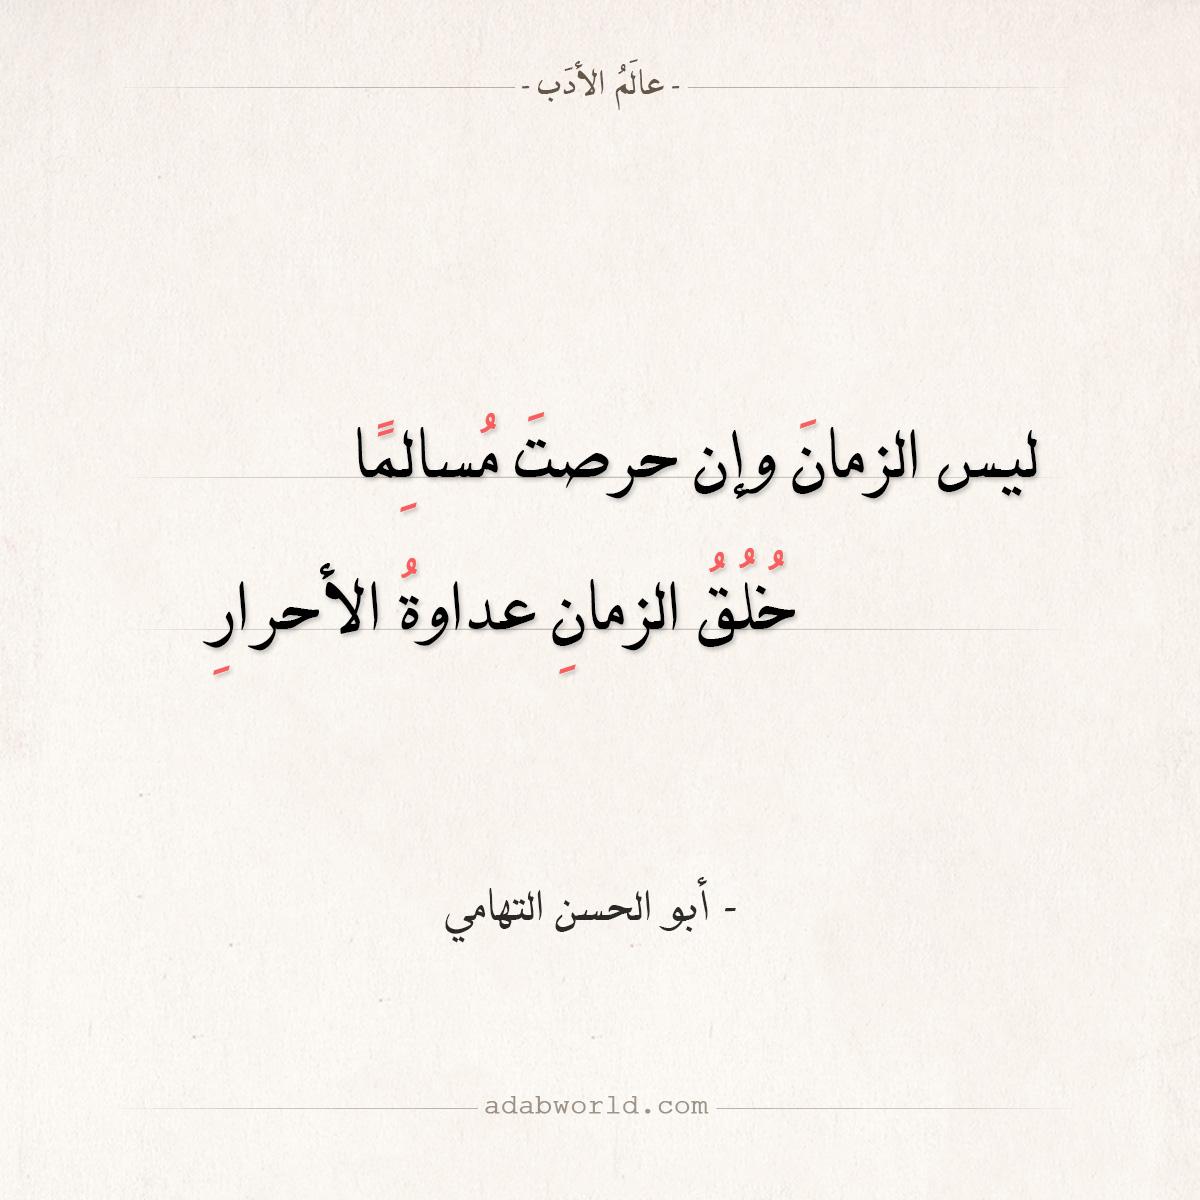 شعر أبو الحسن التهامي - ليس الزمان وإن حرصت مسالما